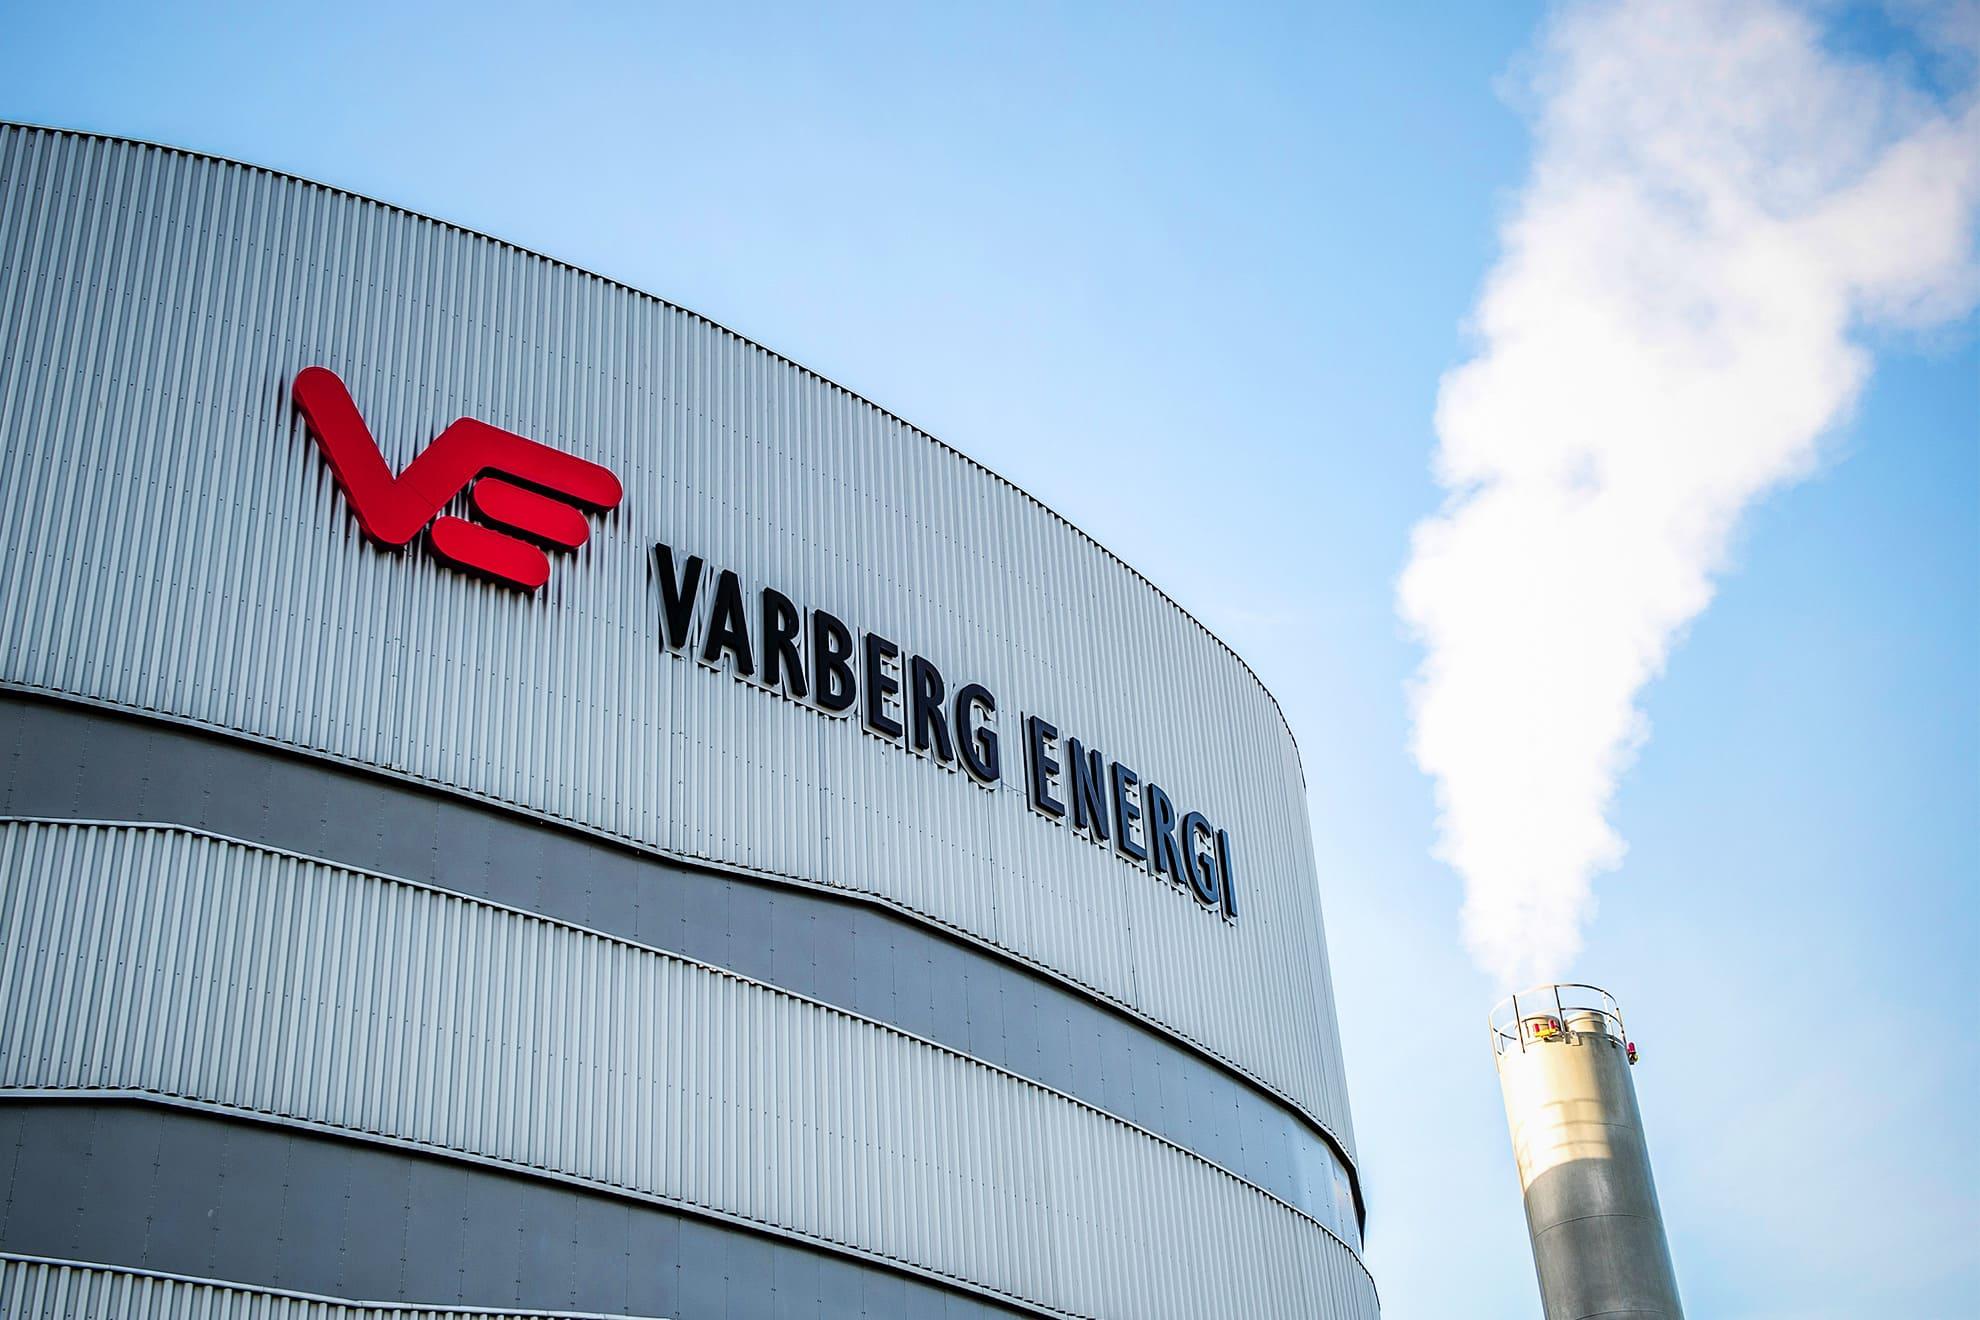 varberg energimarknad ab